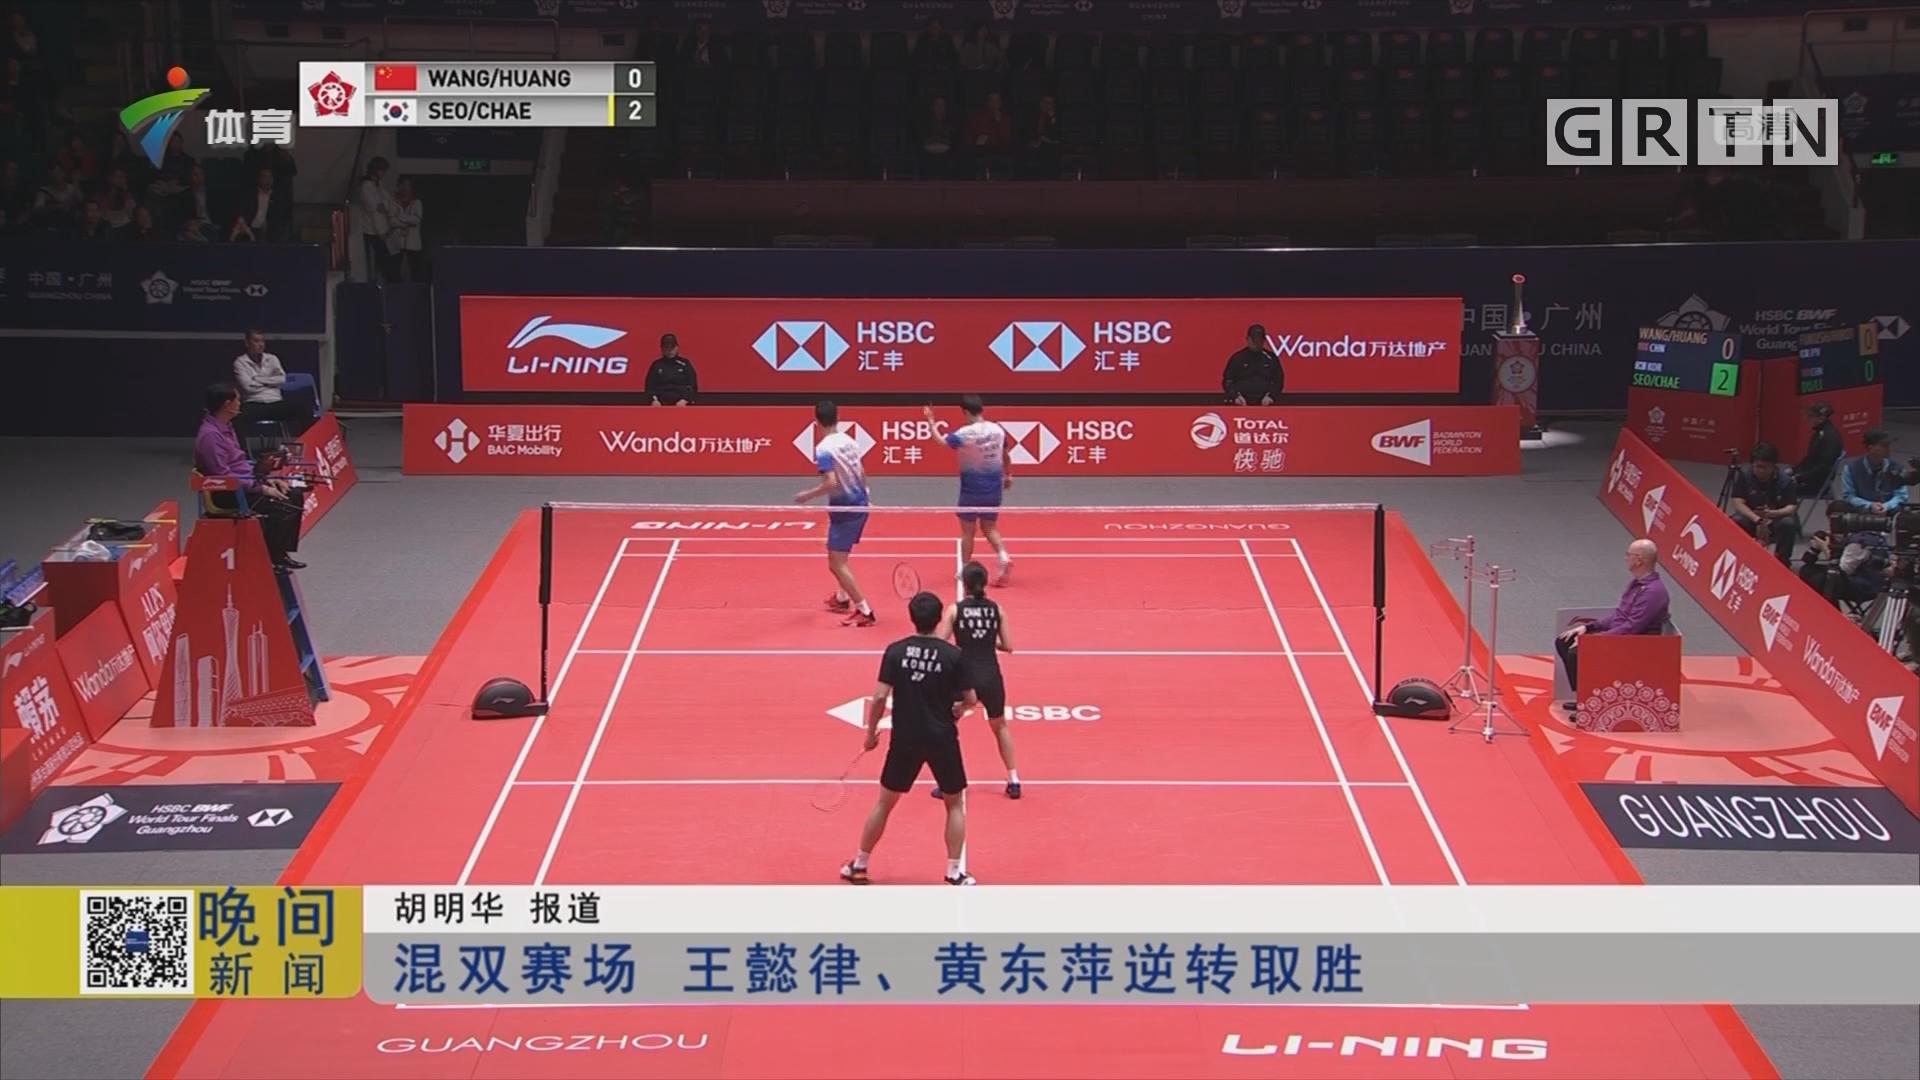 混双赛场 王懿律、黄东萍逆转取胜